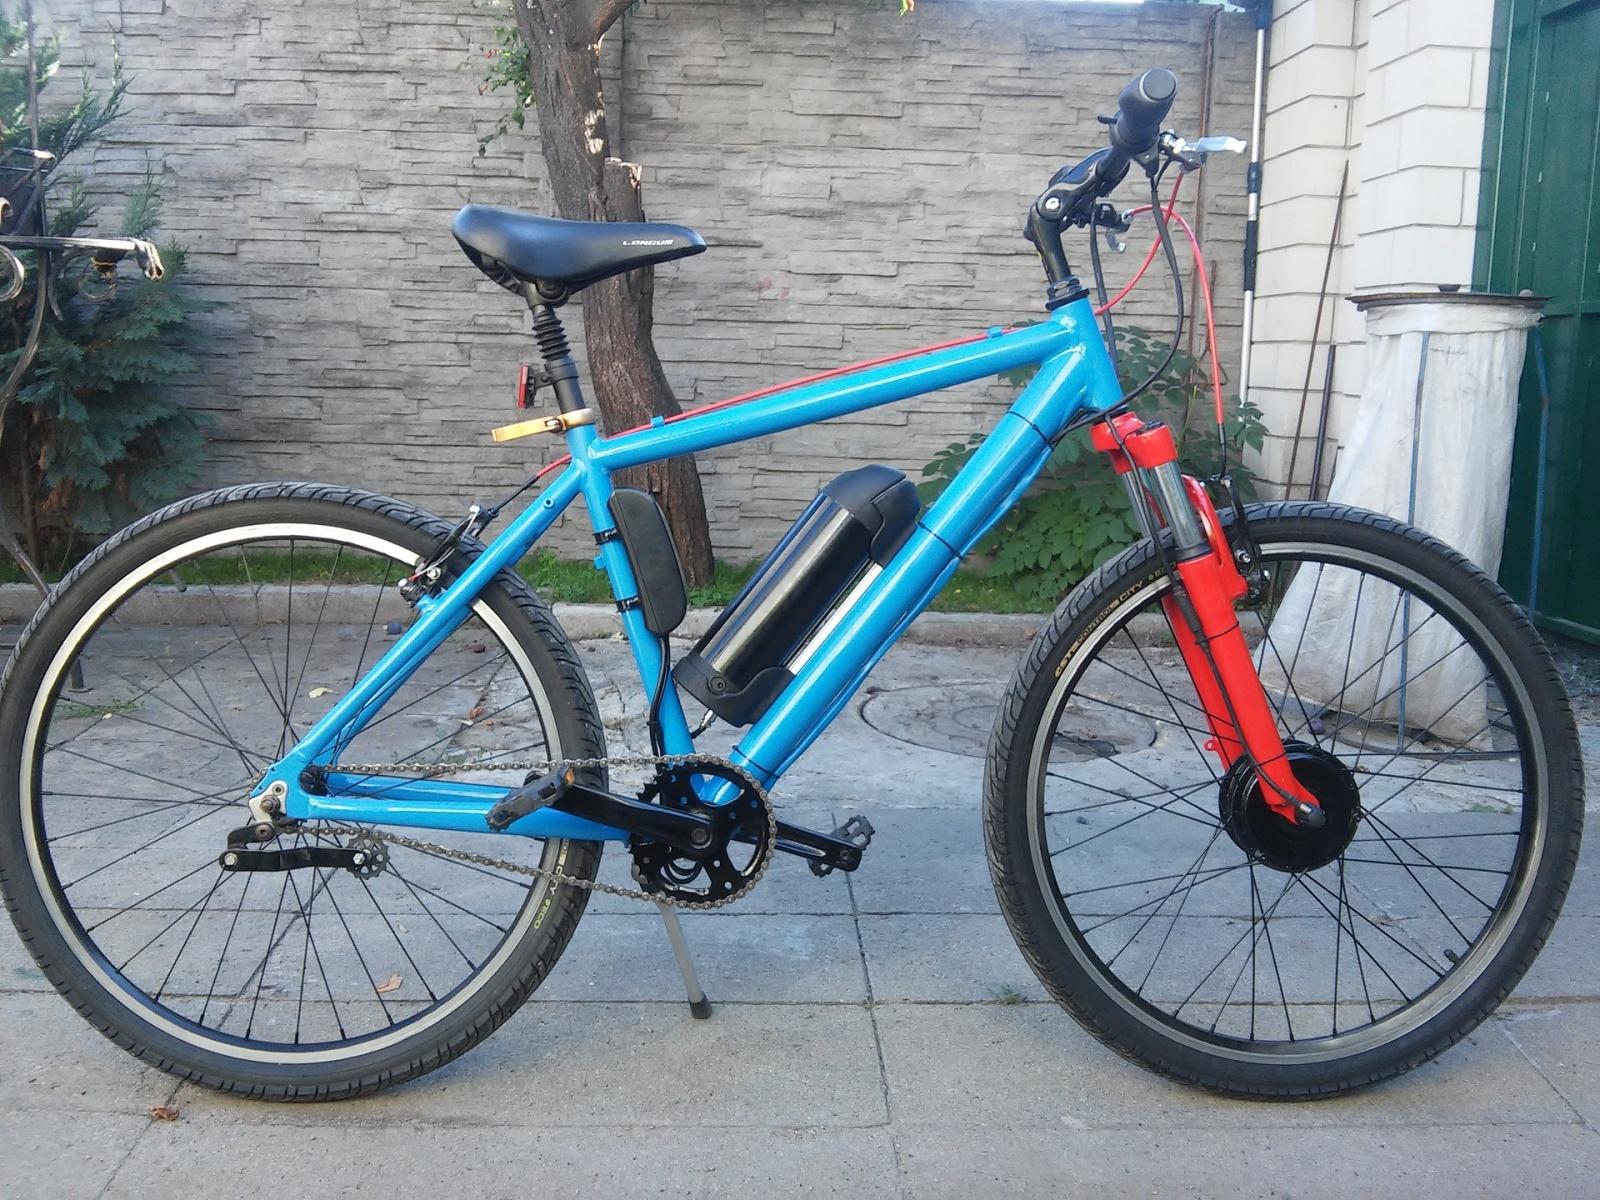 Новая жизнь бюджетного горного велосипеда, превращение в электричку - 26